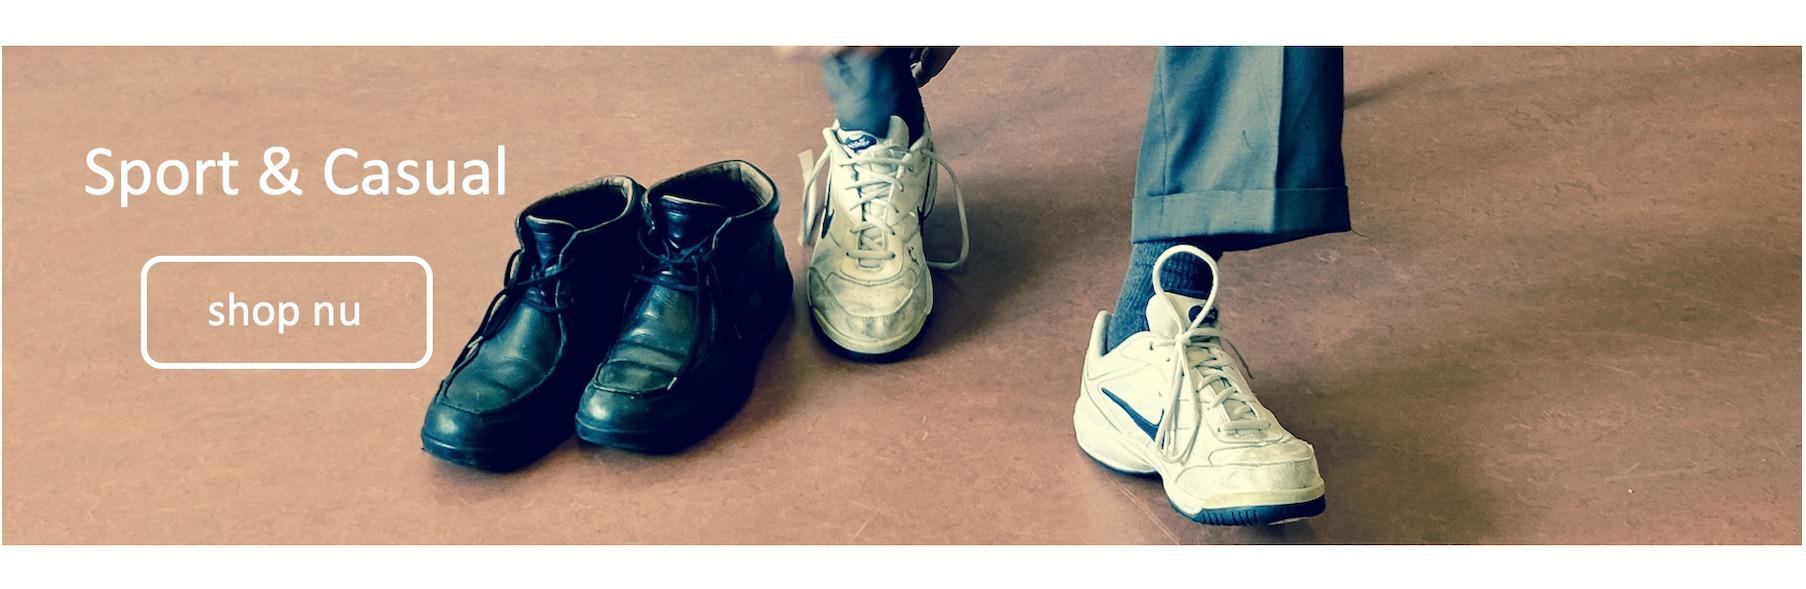 Sport & Casual sokken